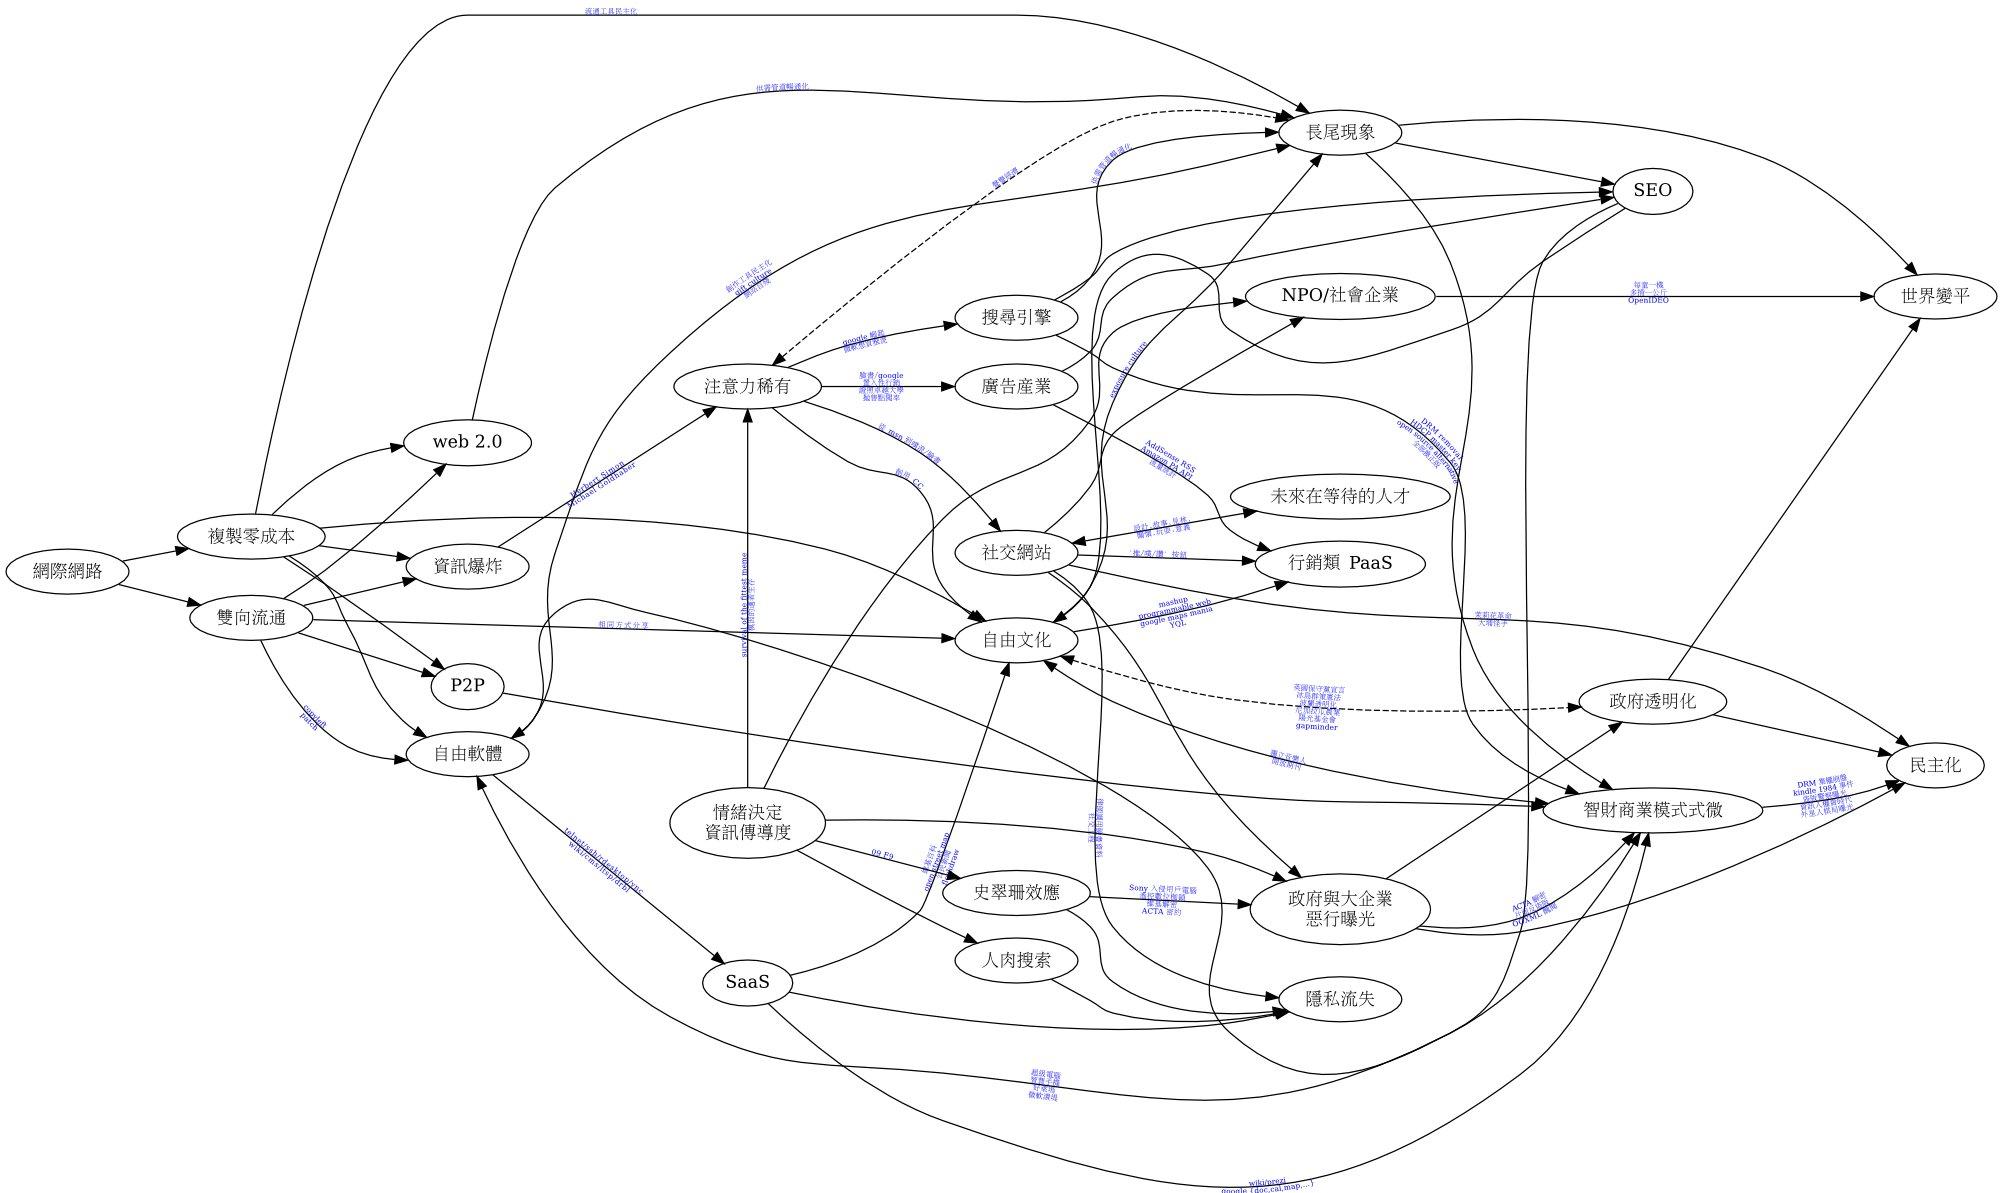 網路現象地圖